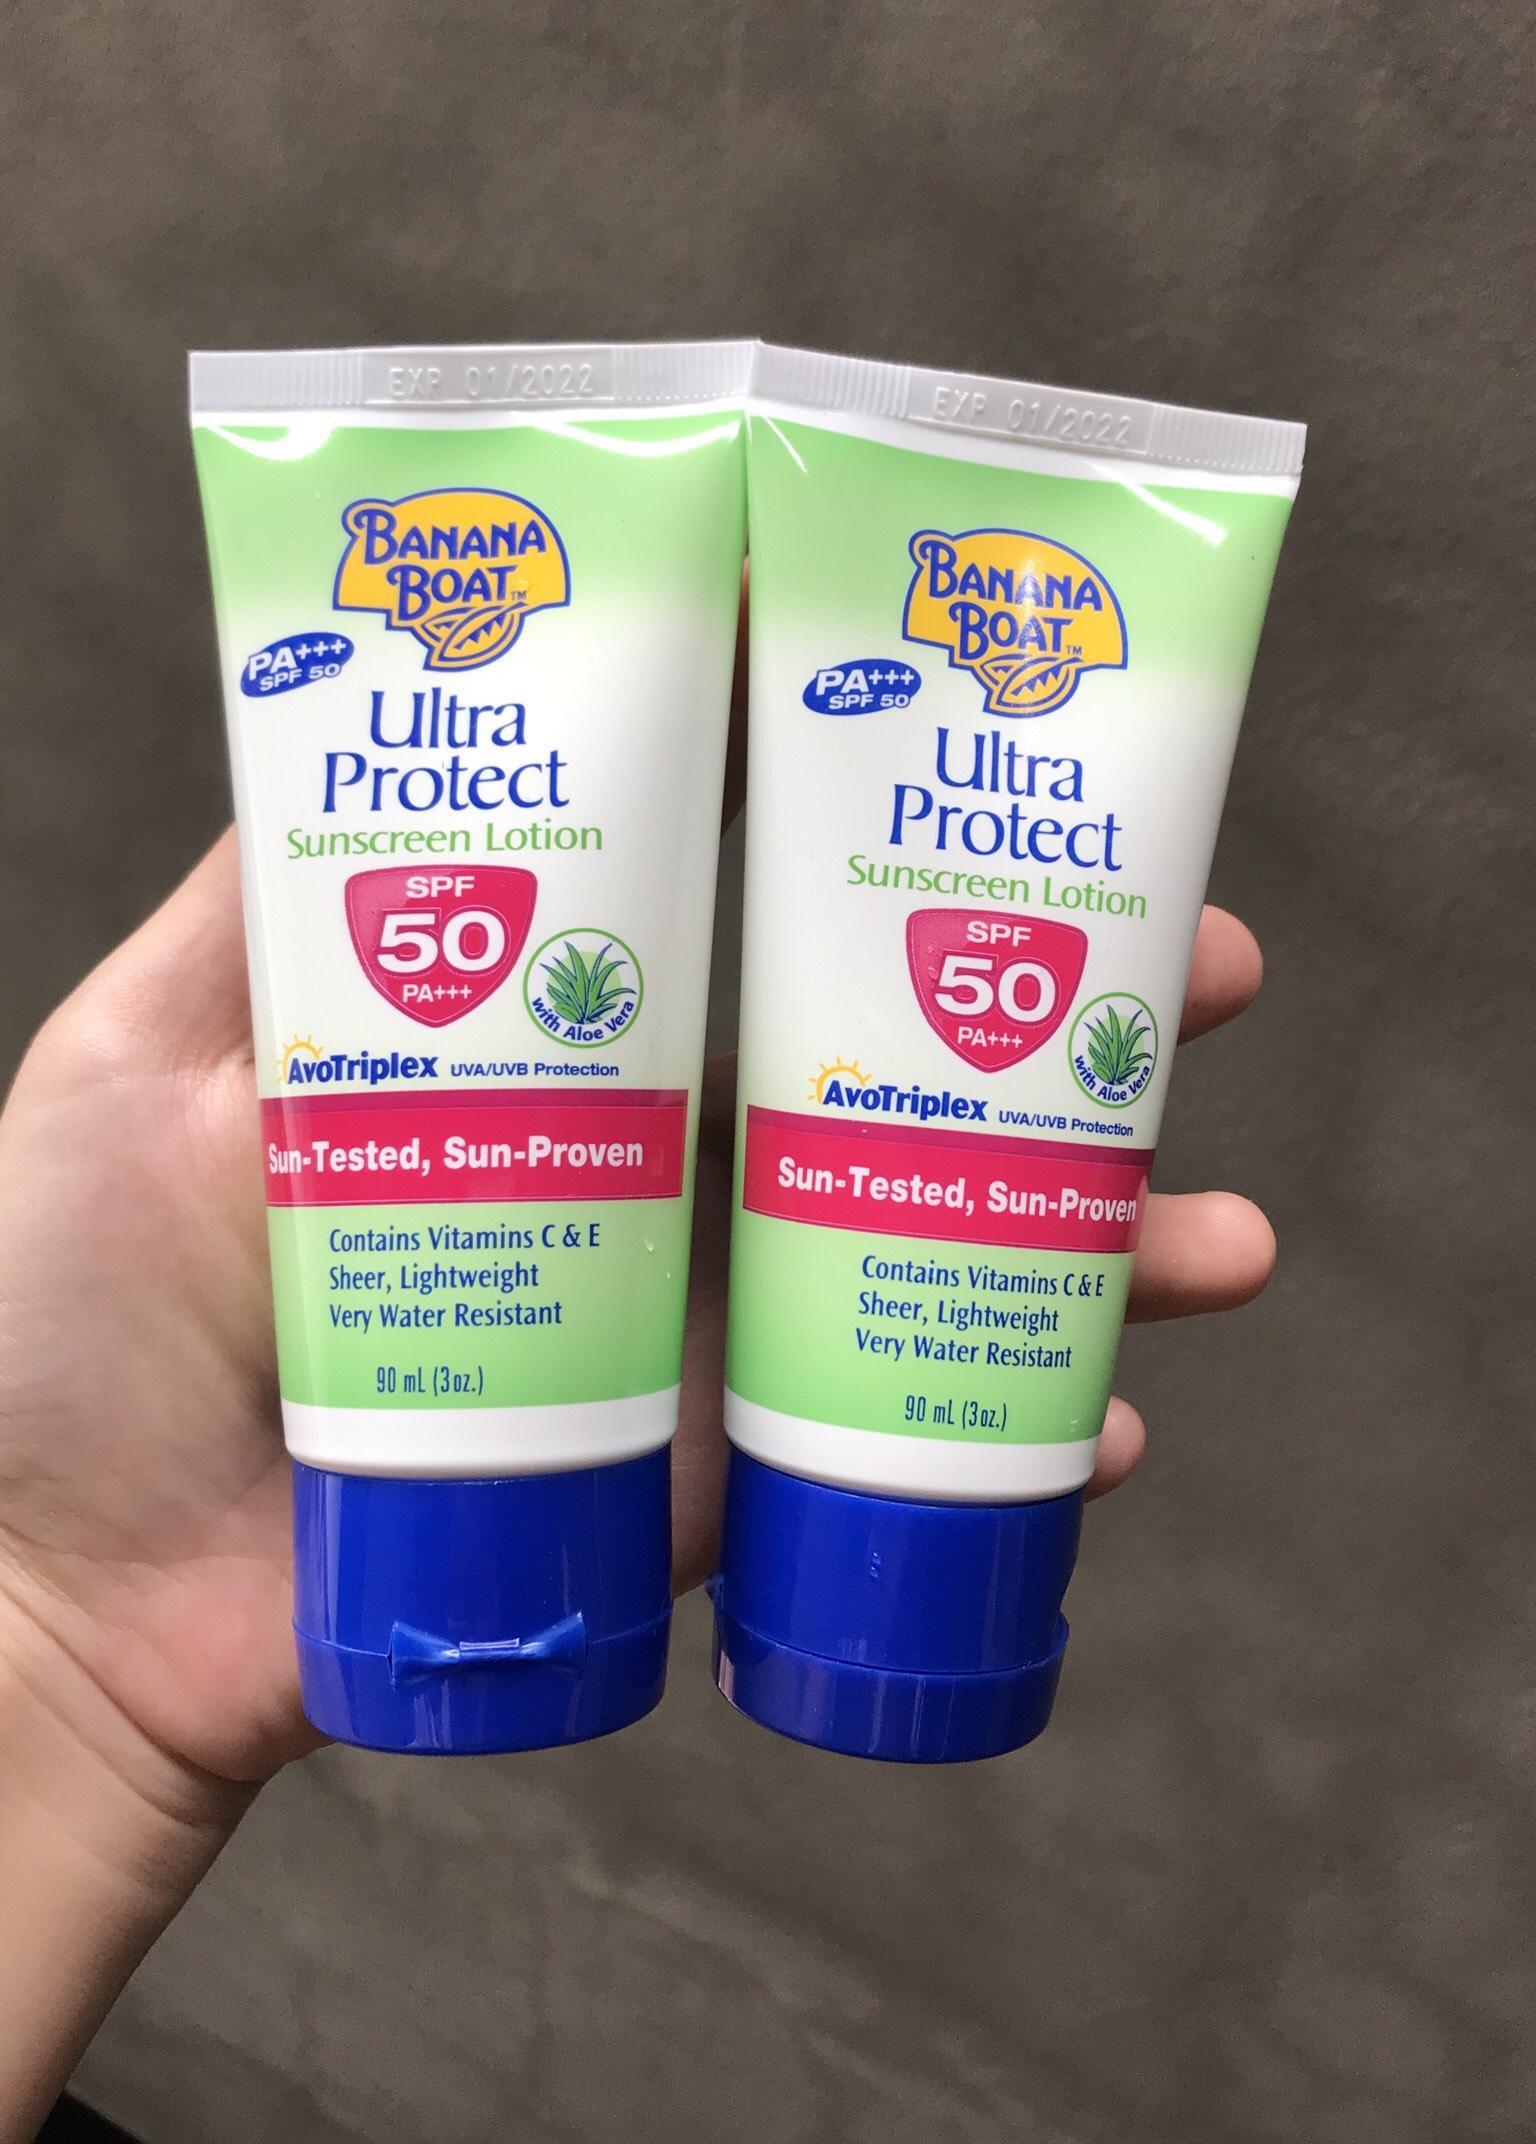 Kem Chống Nắng Banana Boat Ultra Protect Sunscreen Lotion có chứa nha đam và Vitamins C & E cao cấp